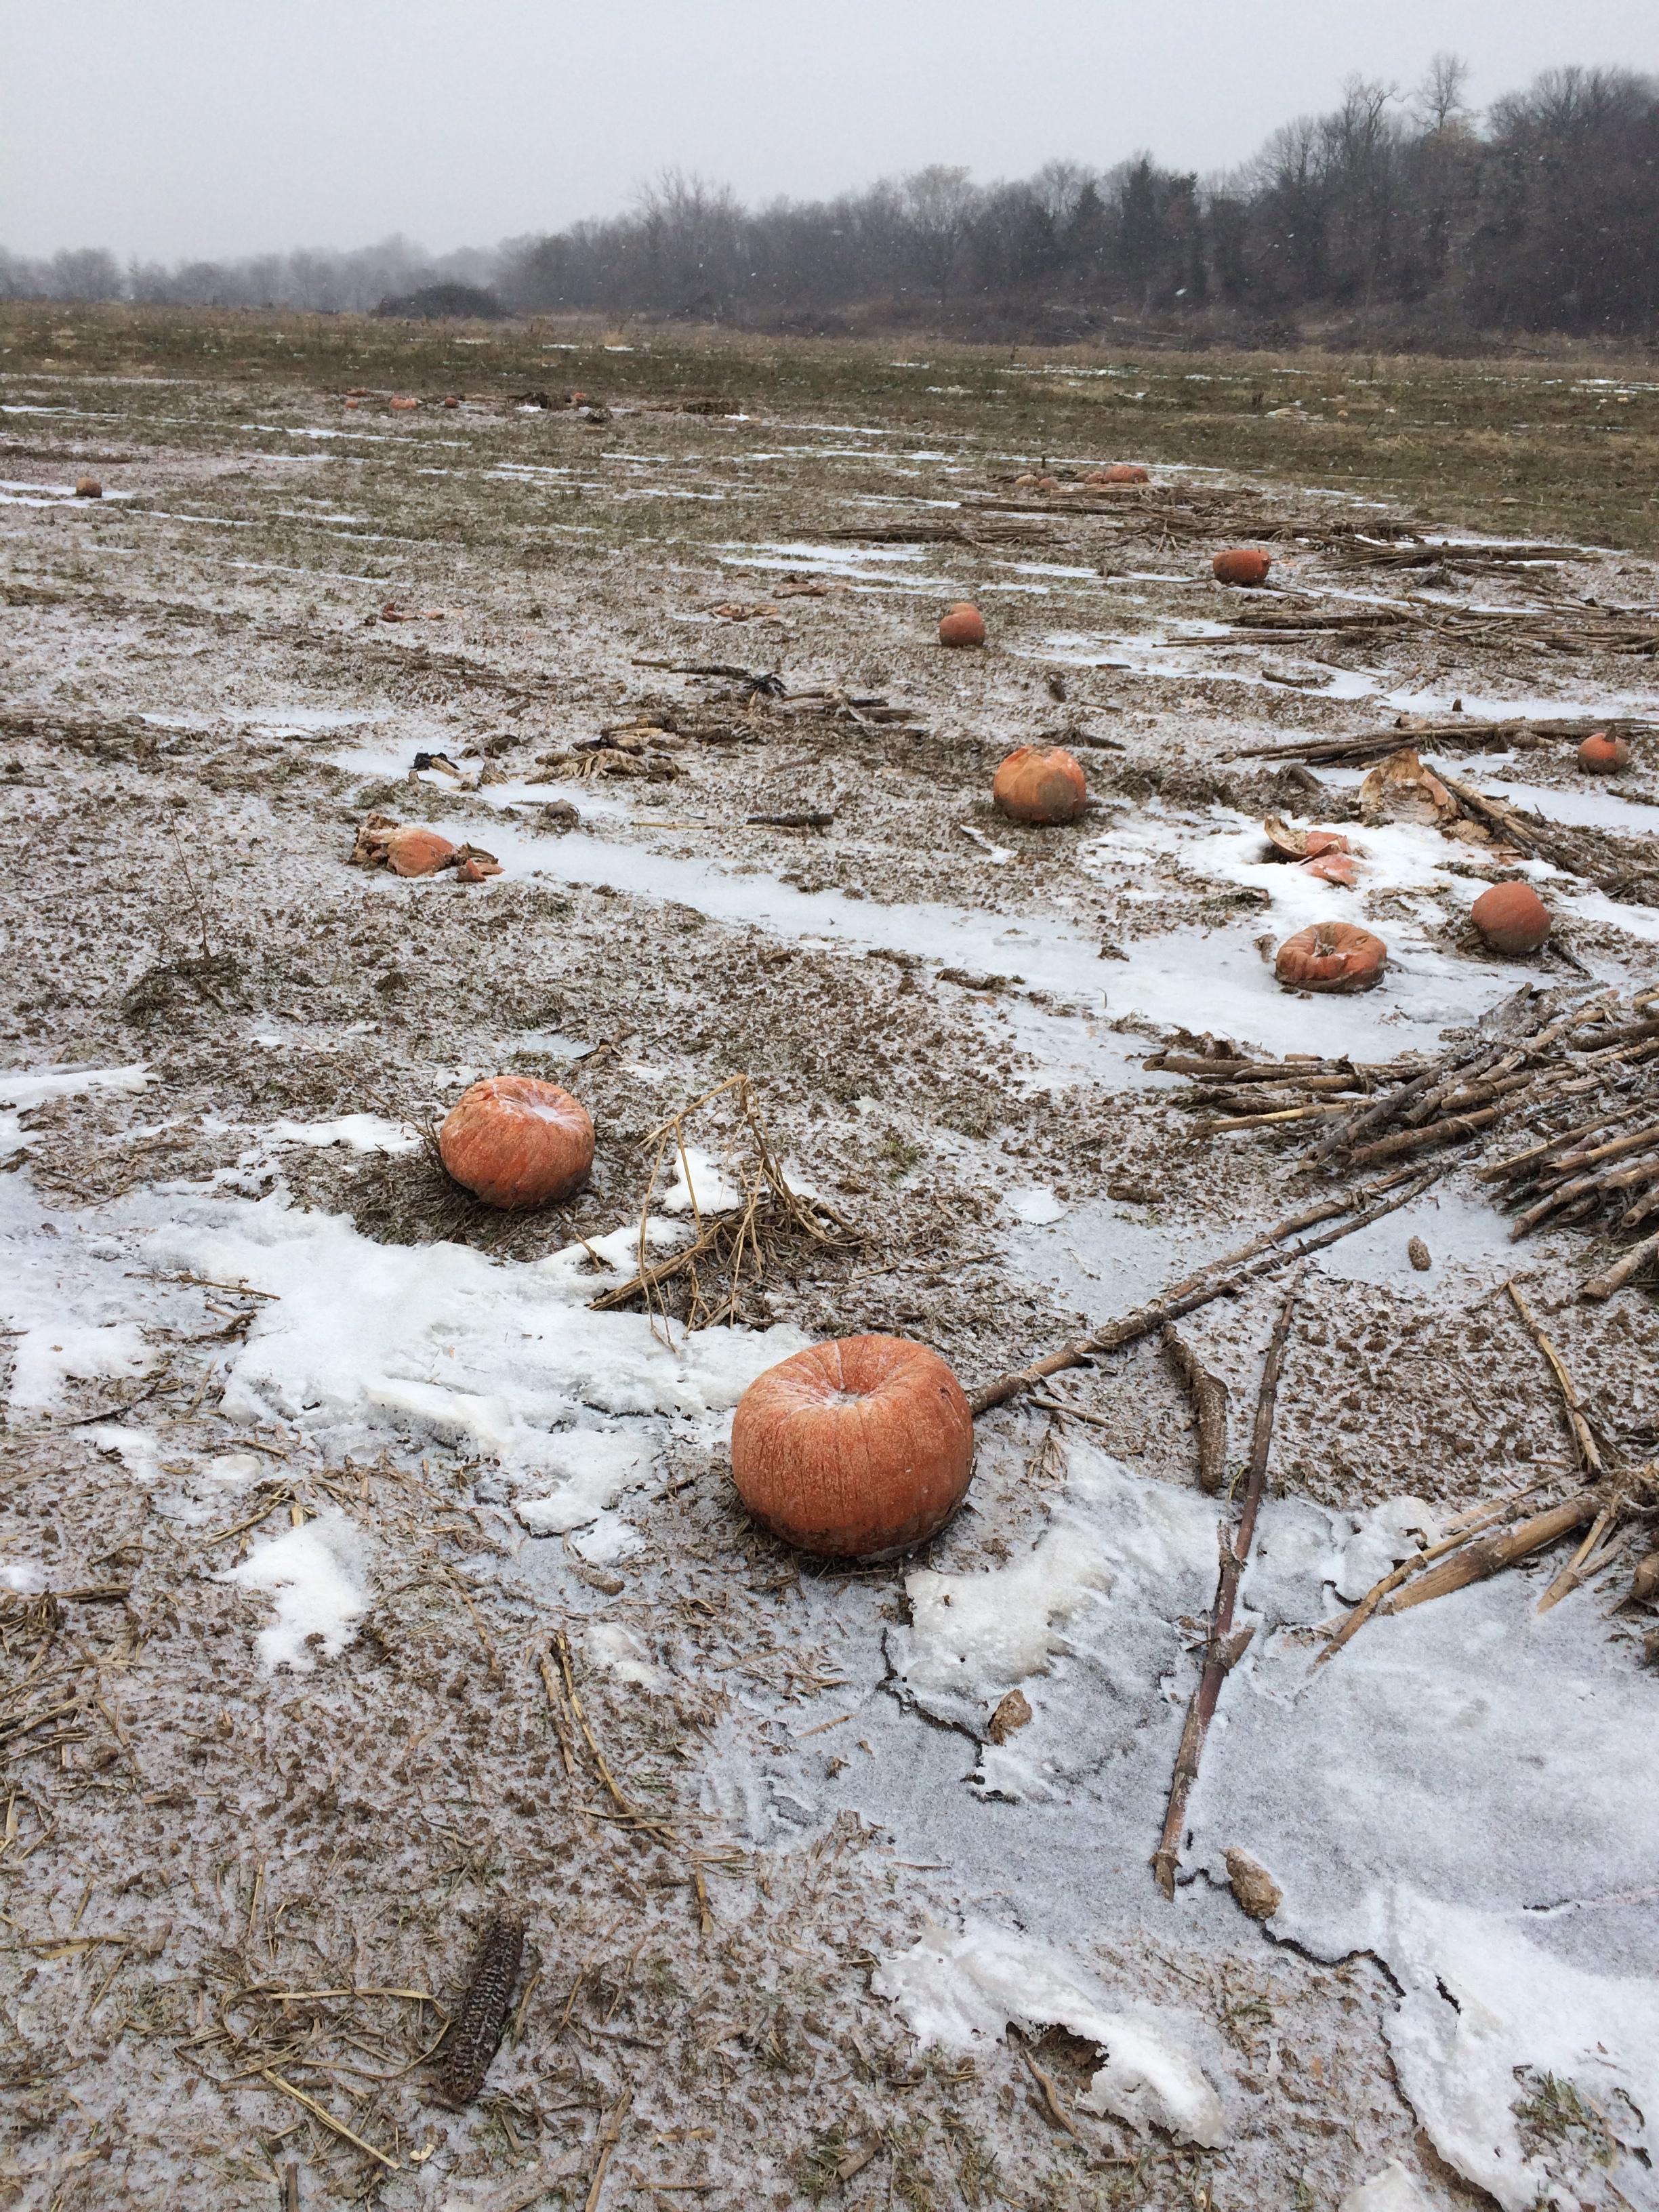 A few rotten pumpkins, fertilizing the fields for next year